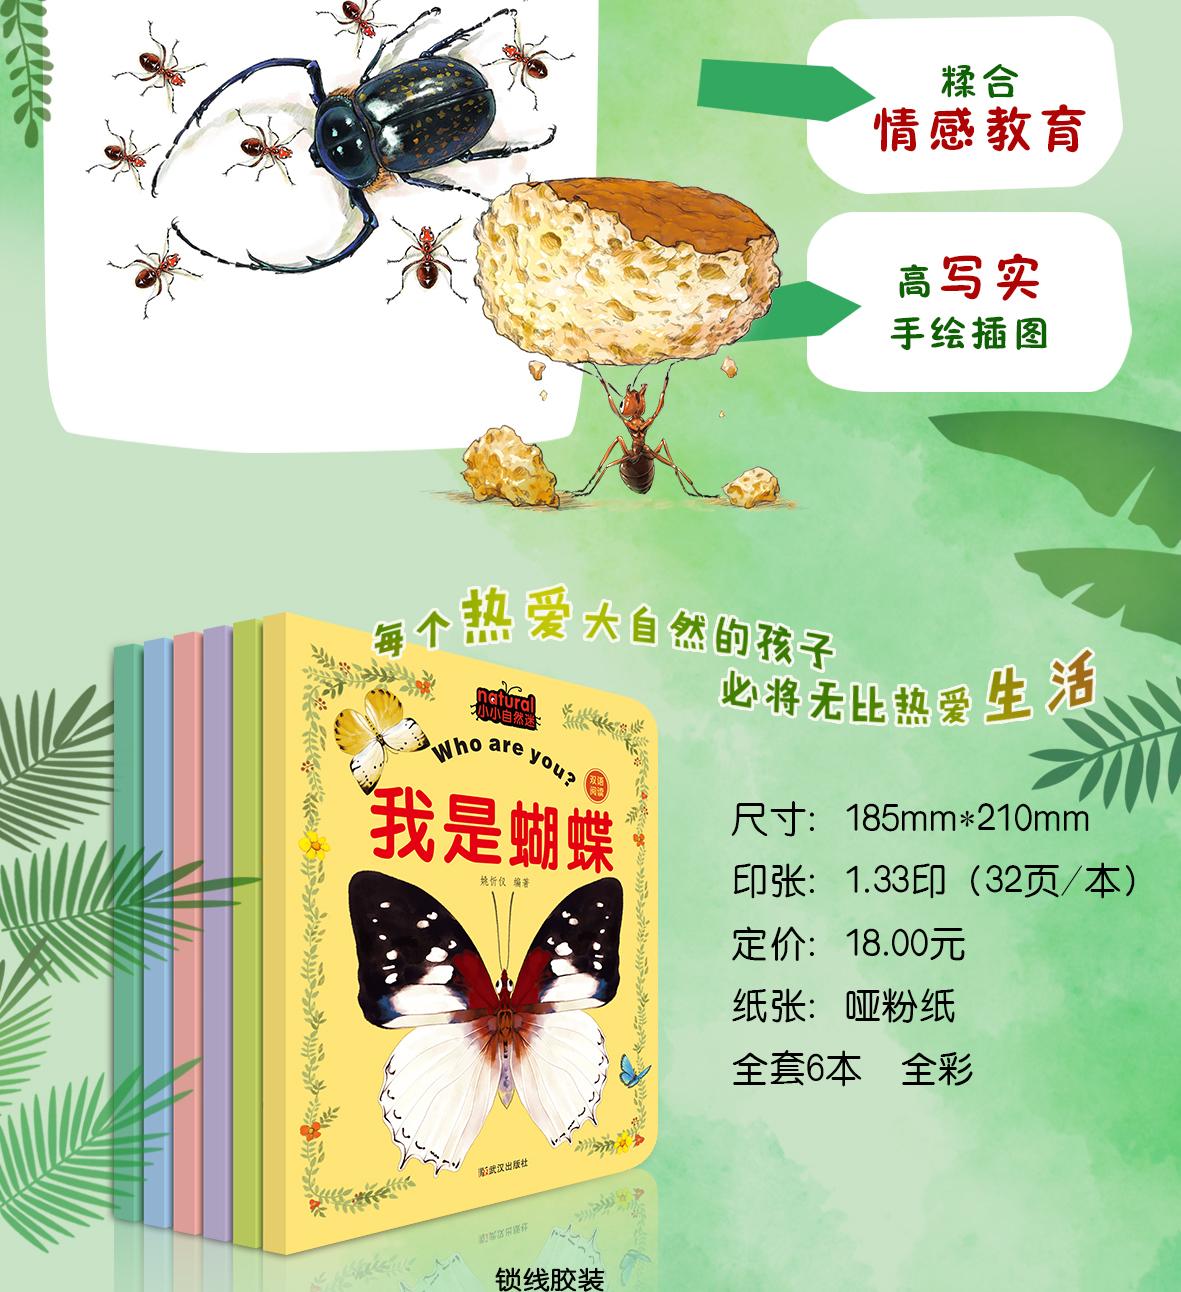 昆虫详情_03.jpg